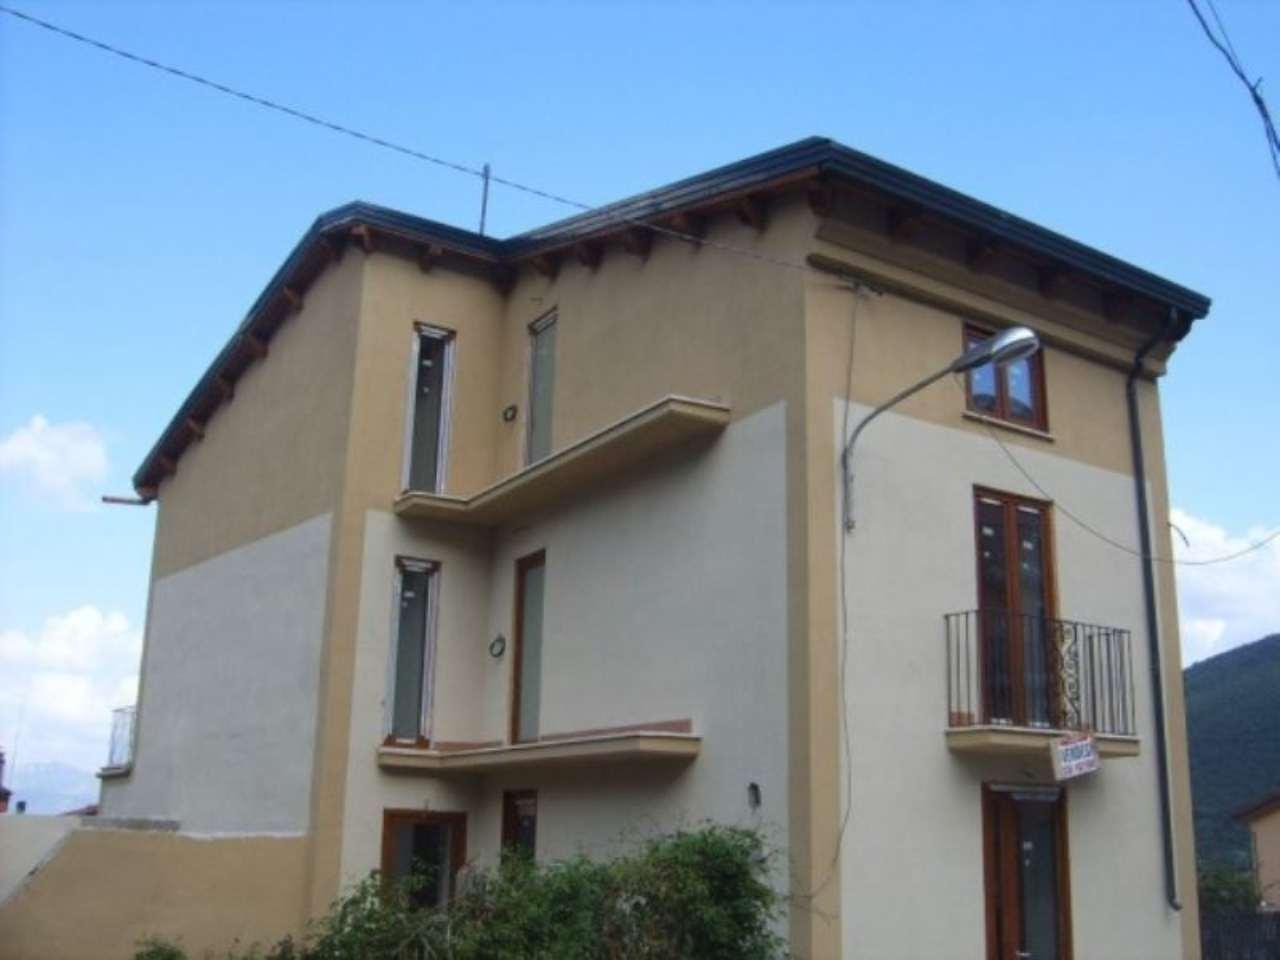 Attico / Mansarda in vendita a Monteforte Irpino, 2 locali, prezzo € 63.000 | Cambio Casa.it